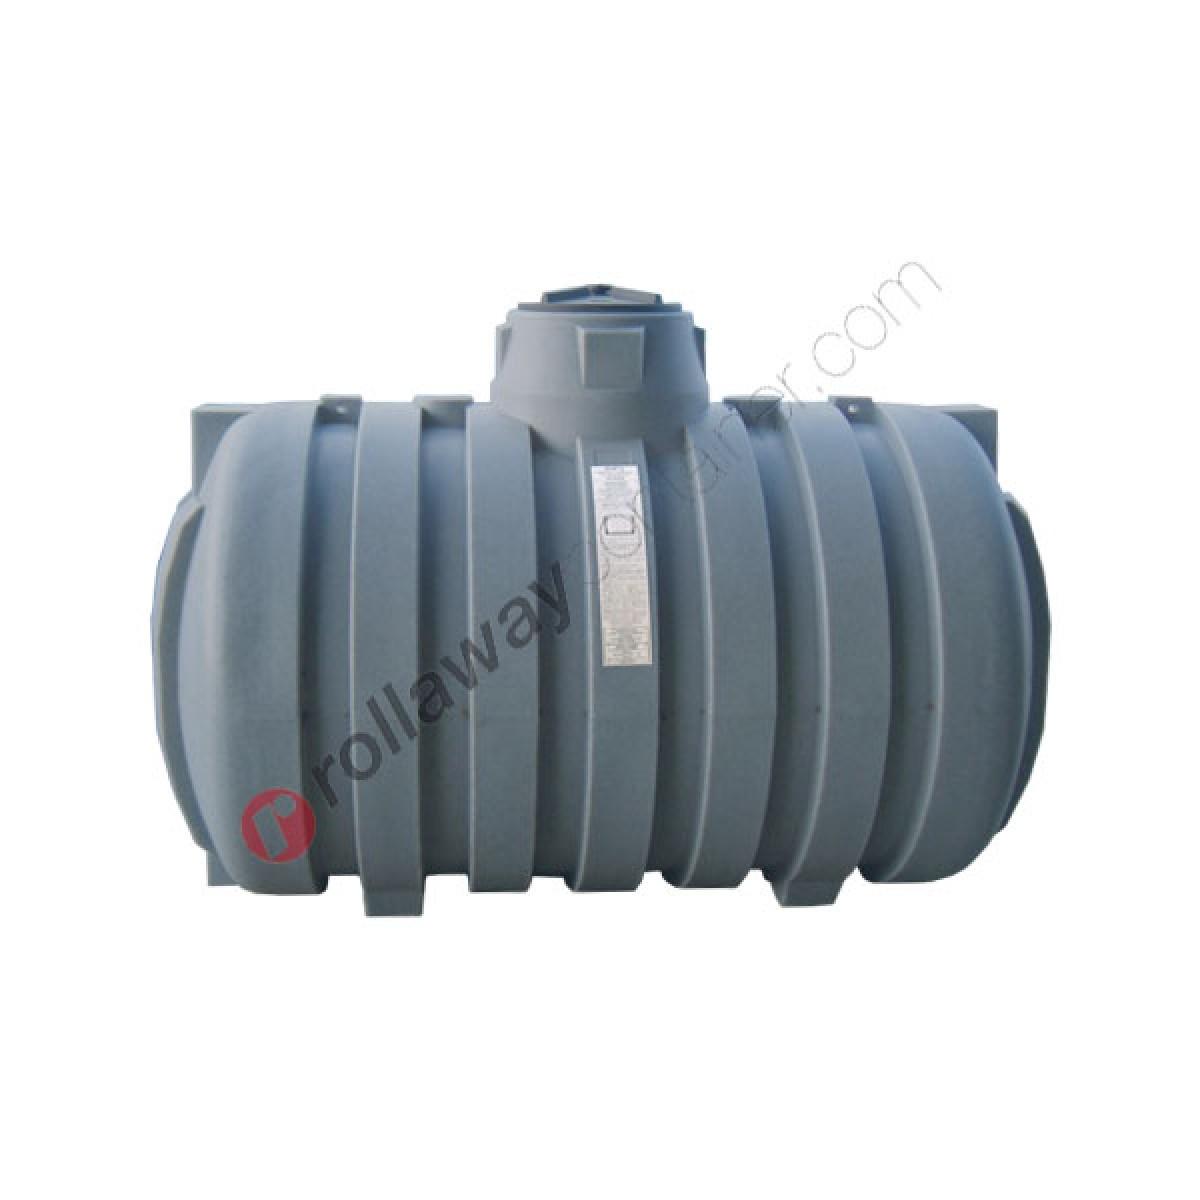 Cisterna Acqua Piovana Da Interro Cilindrica Orizzontale Con